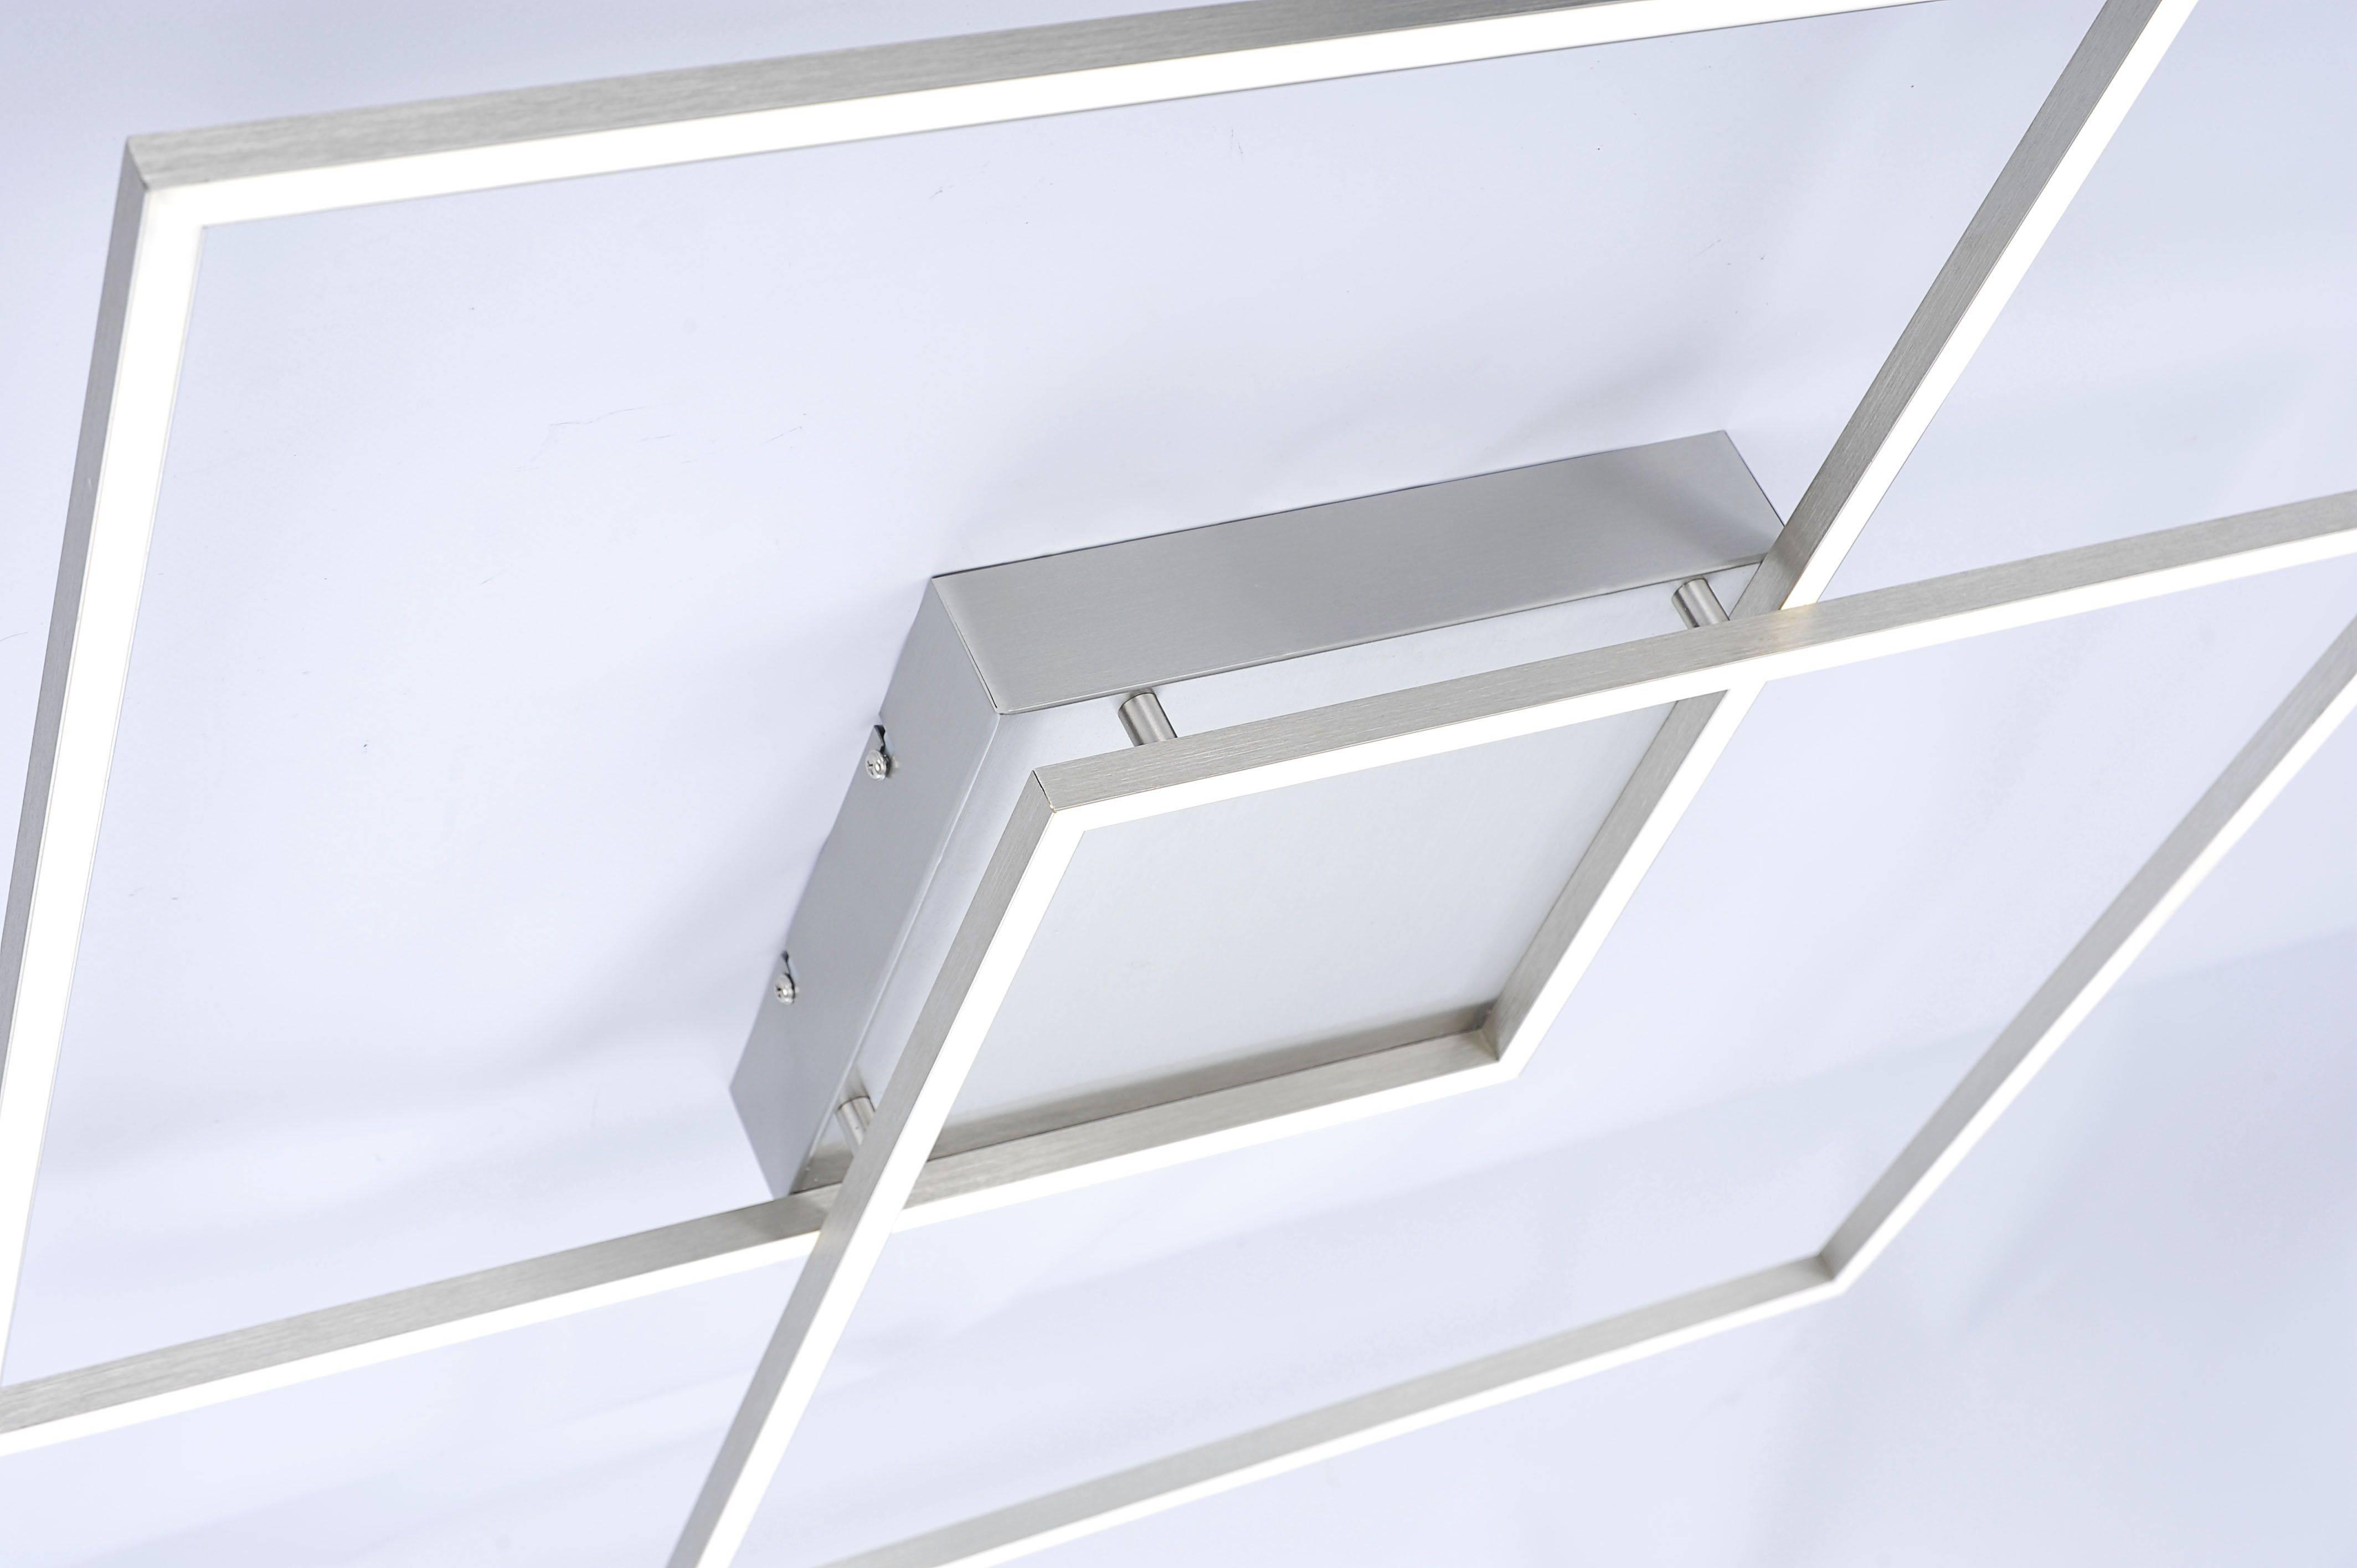 Q-INIGO LED Deckenleuchte Smart-Home mit Farbtemperatursteuerung